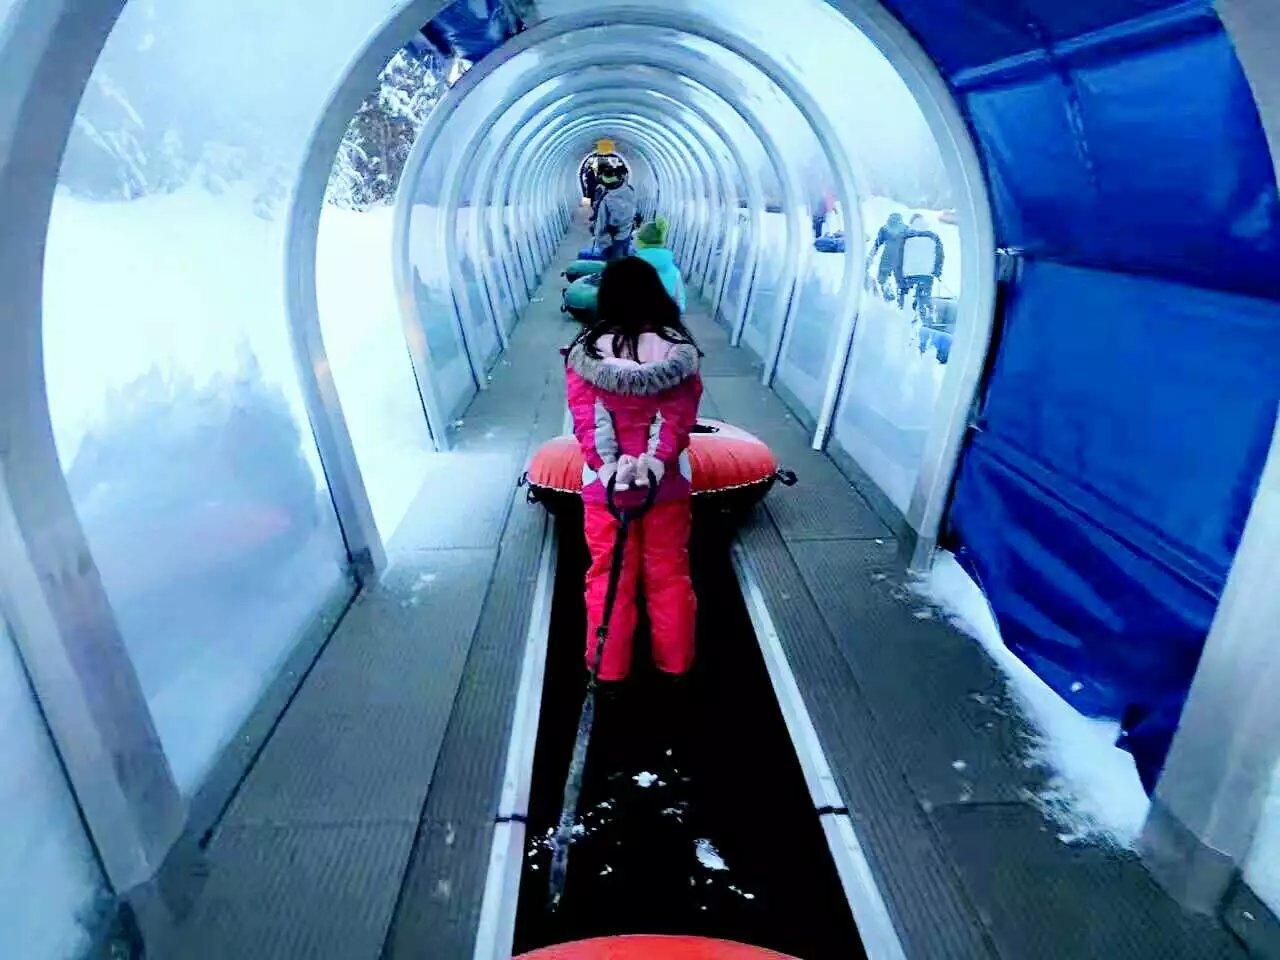 带娃游玩雷尼尔滑雪场(图)_图1-3